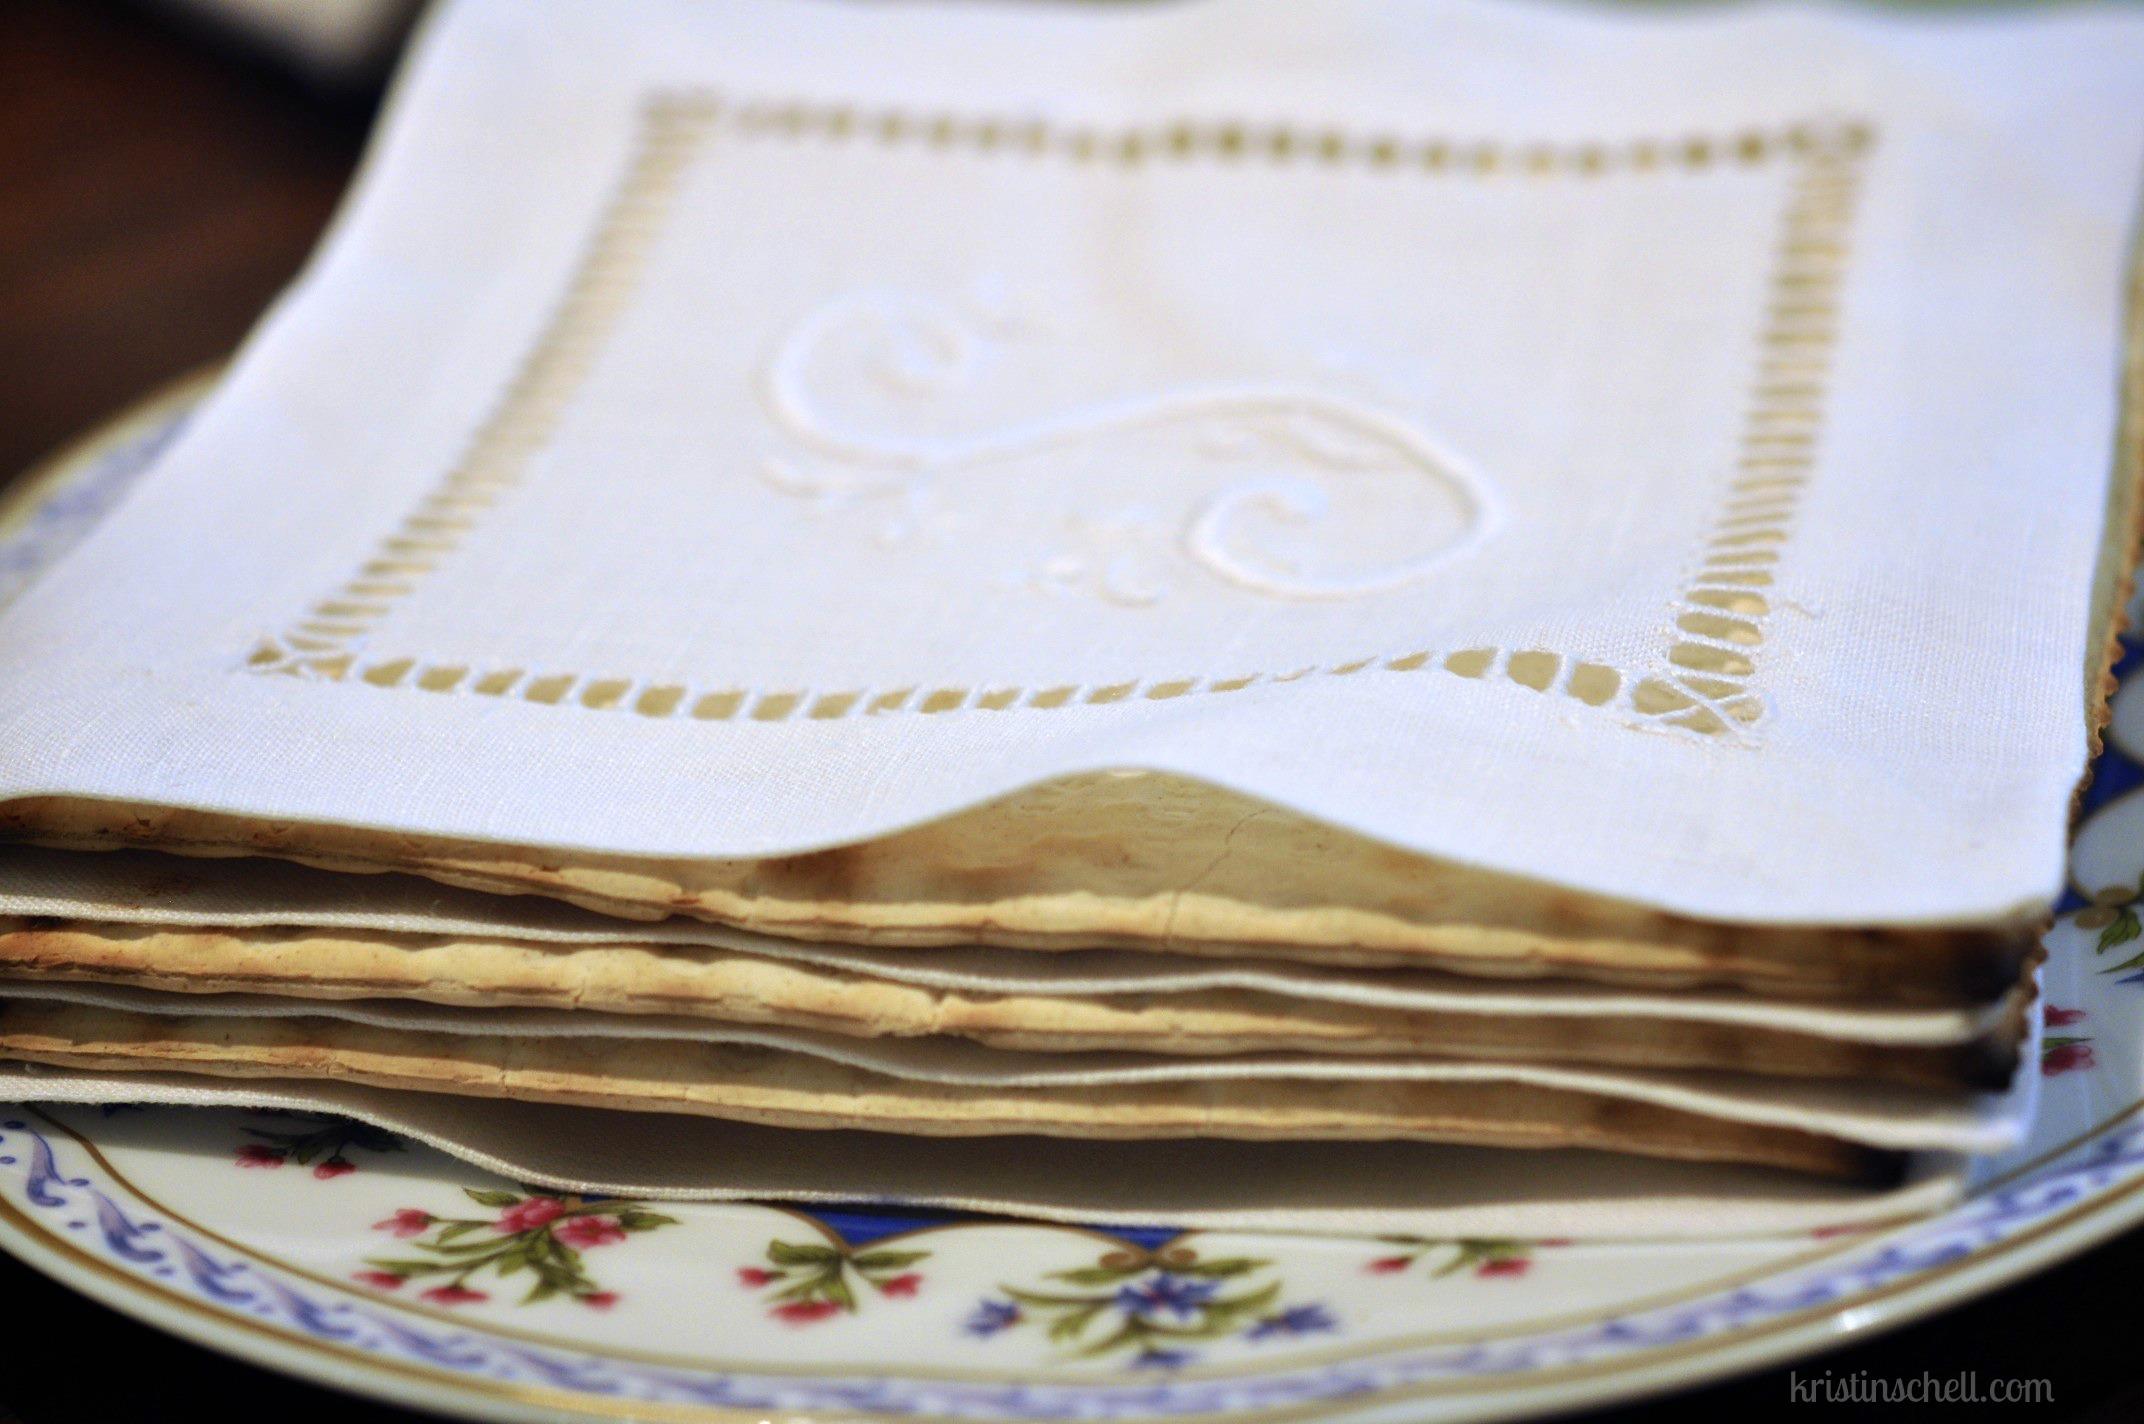 上图:犹太人的逾越节晚餐开始时有三块无酵饼(Matzor)。犹太传统认为代表亚伯拉罕、以撒和雅各,也有认为代表以色列、祭司和利未人,无论哪种意义,中间那块无酵饼(Yachatz)都要被掰开。